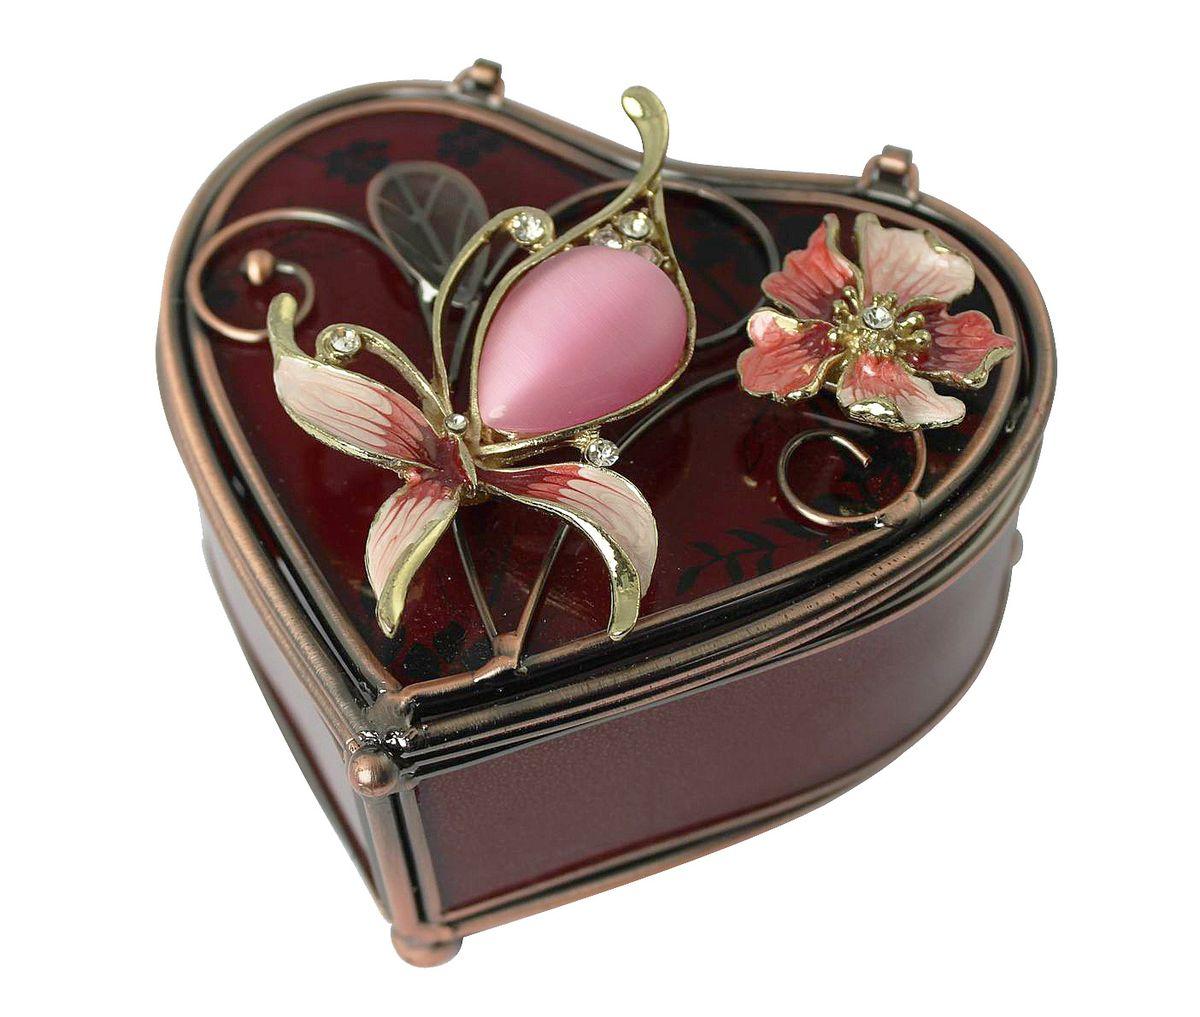 Шкатулка Jardin dEte Багровый закат, 10 х 10 х 5 смHS-25260Cв форме сердца, нержавеющая сталь, стекло, пластик